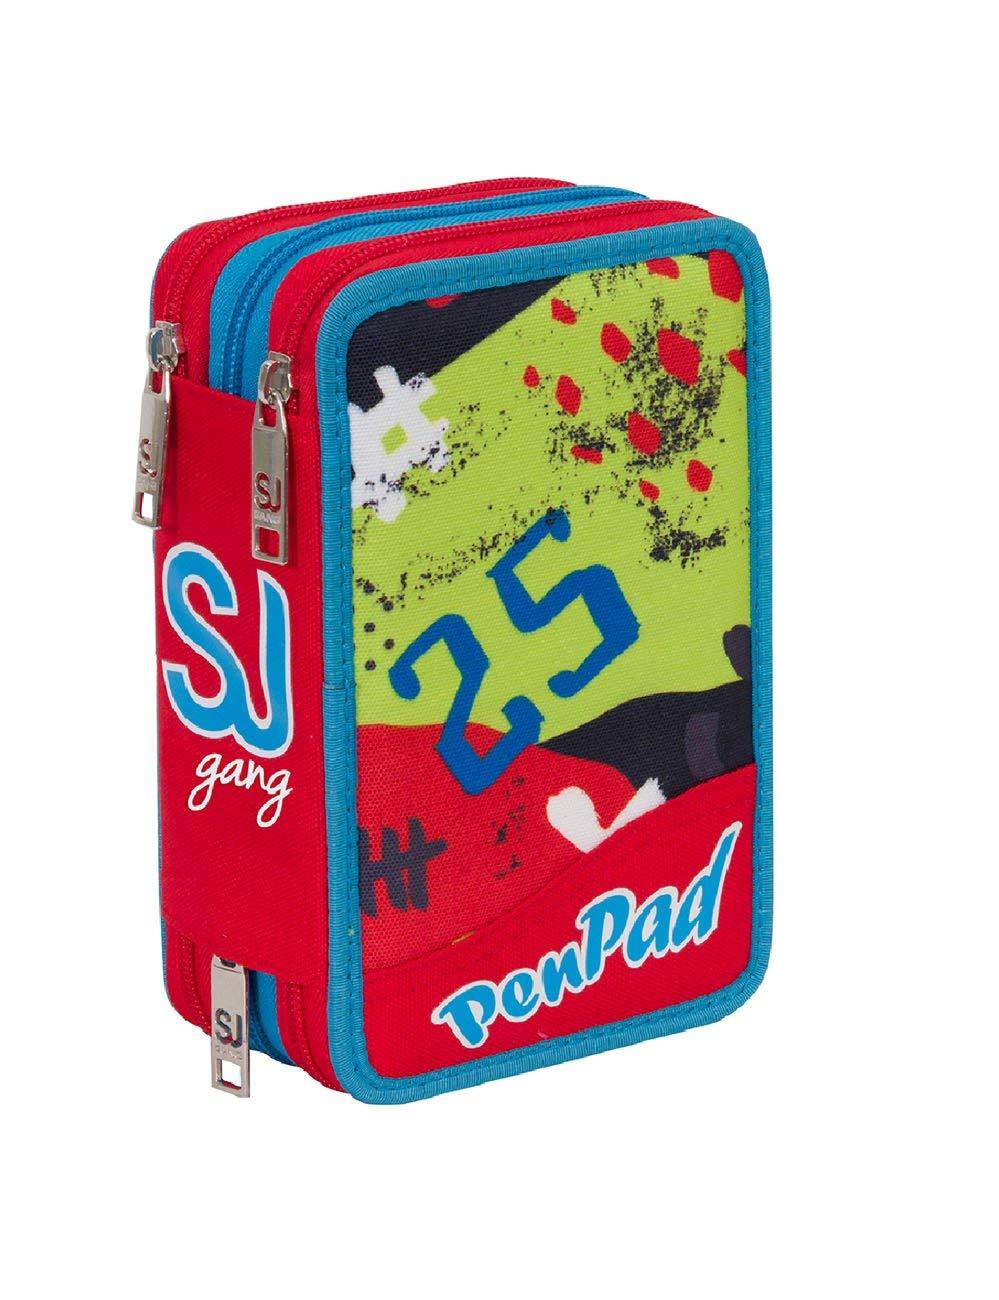 ASTUCCIO scuola SEVEN SJ GANG - HIGH TECH - 3 scomparti - pennarelli matite ecc.. Rosso Blu